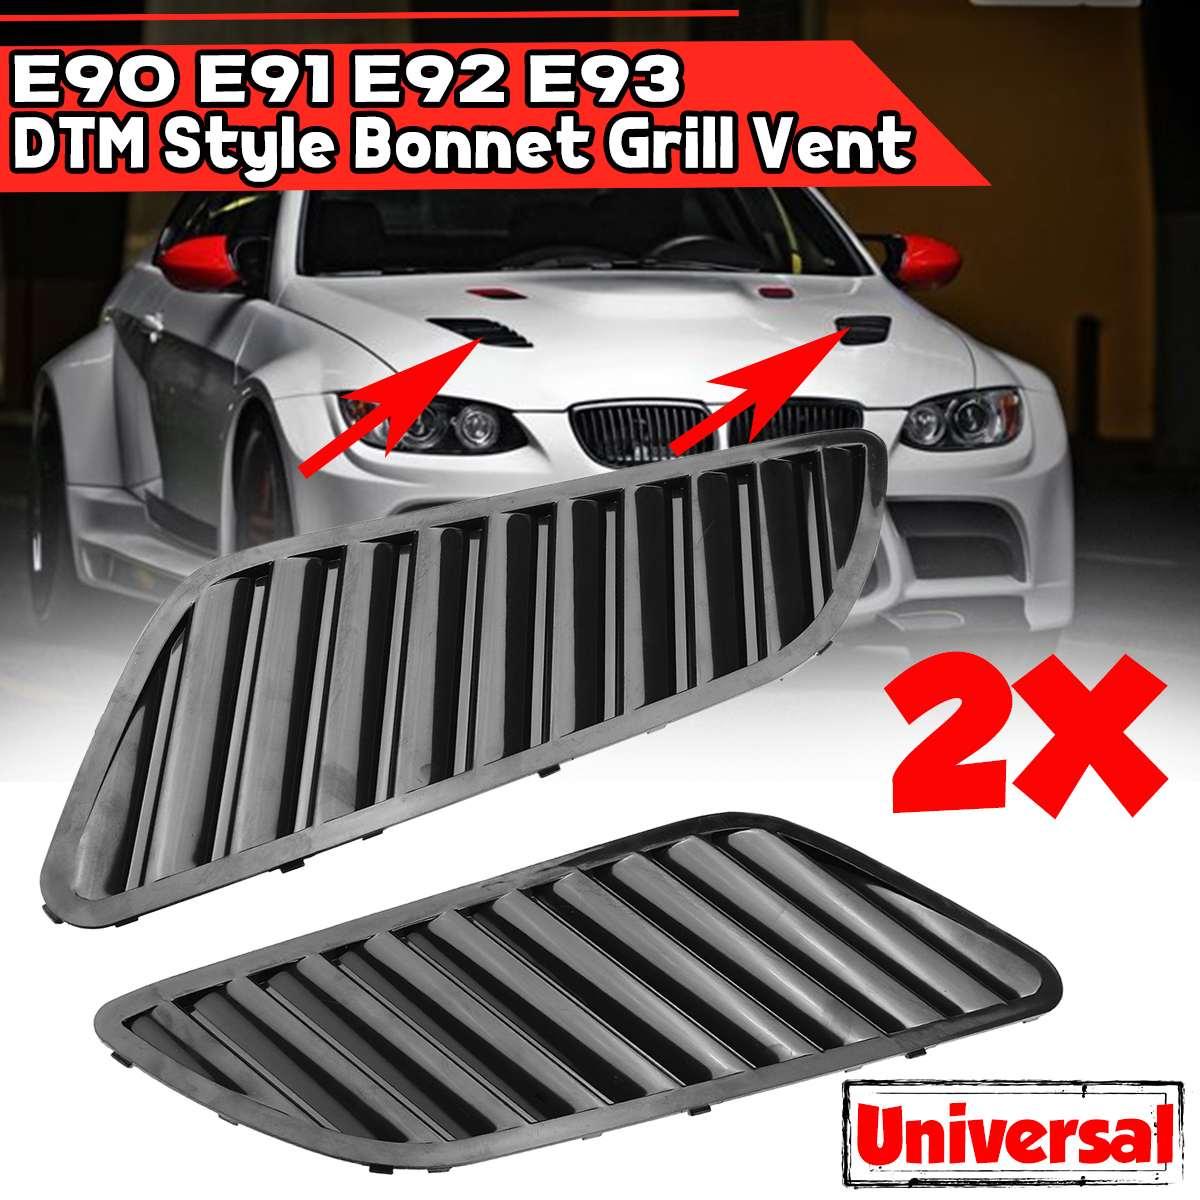 Abs um par e90 e91 dtm estilo universal frente do carro capô grill ventilação capa saída de ar ventilação para bmw e90 e91 e92 e93 f30 e46